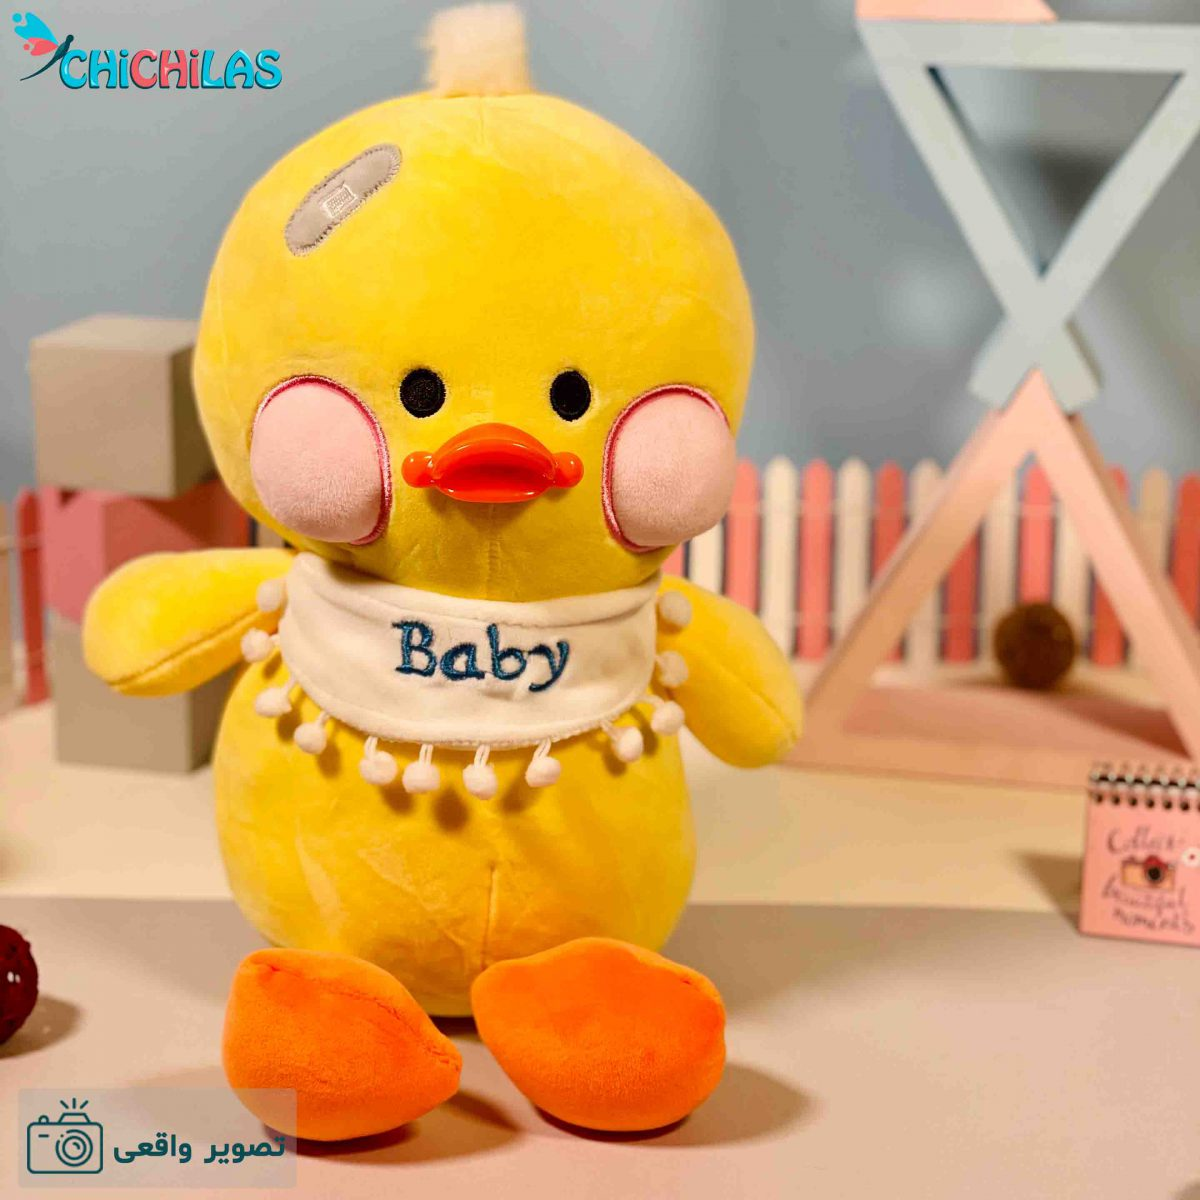 عروسک جوجه بیبی - جوجه عروسکی - عروسک جوجه زرد - عروسک جوجه baby - عروسک جوجه زخمی